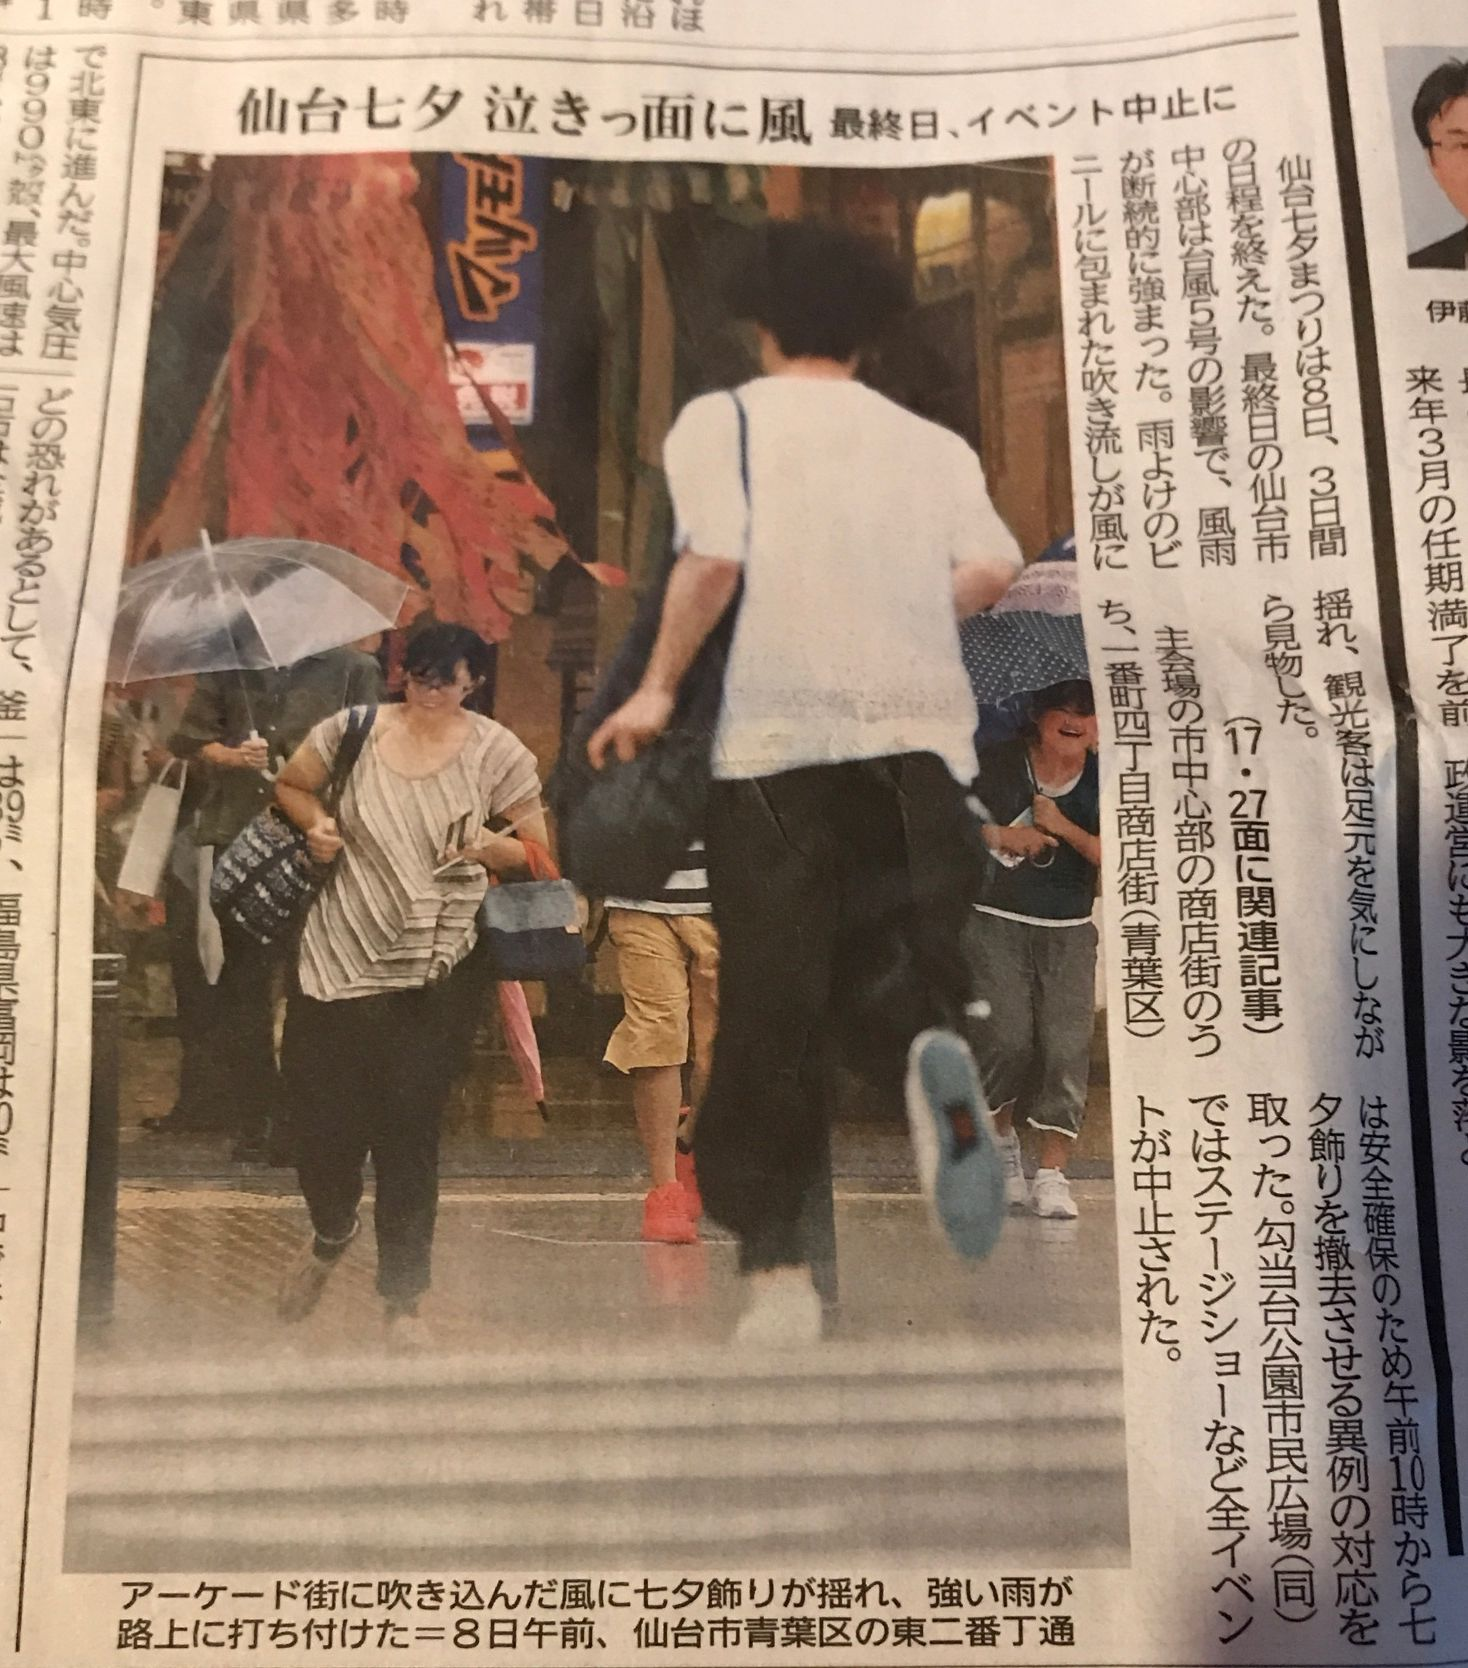 河北新聞の仙台七夕まつり記事